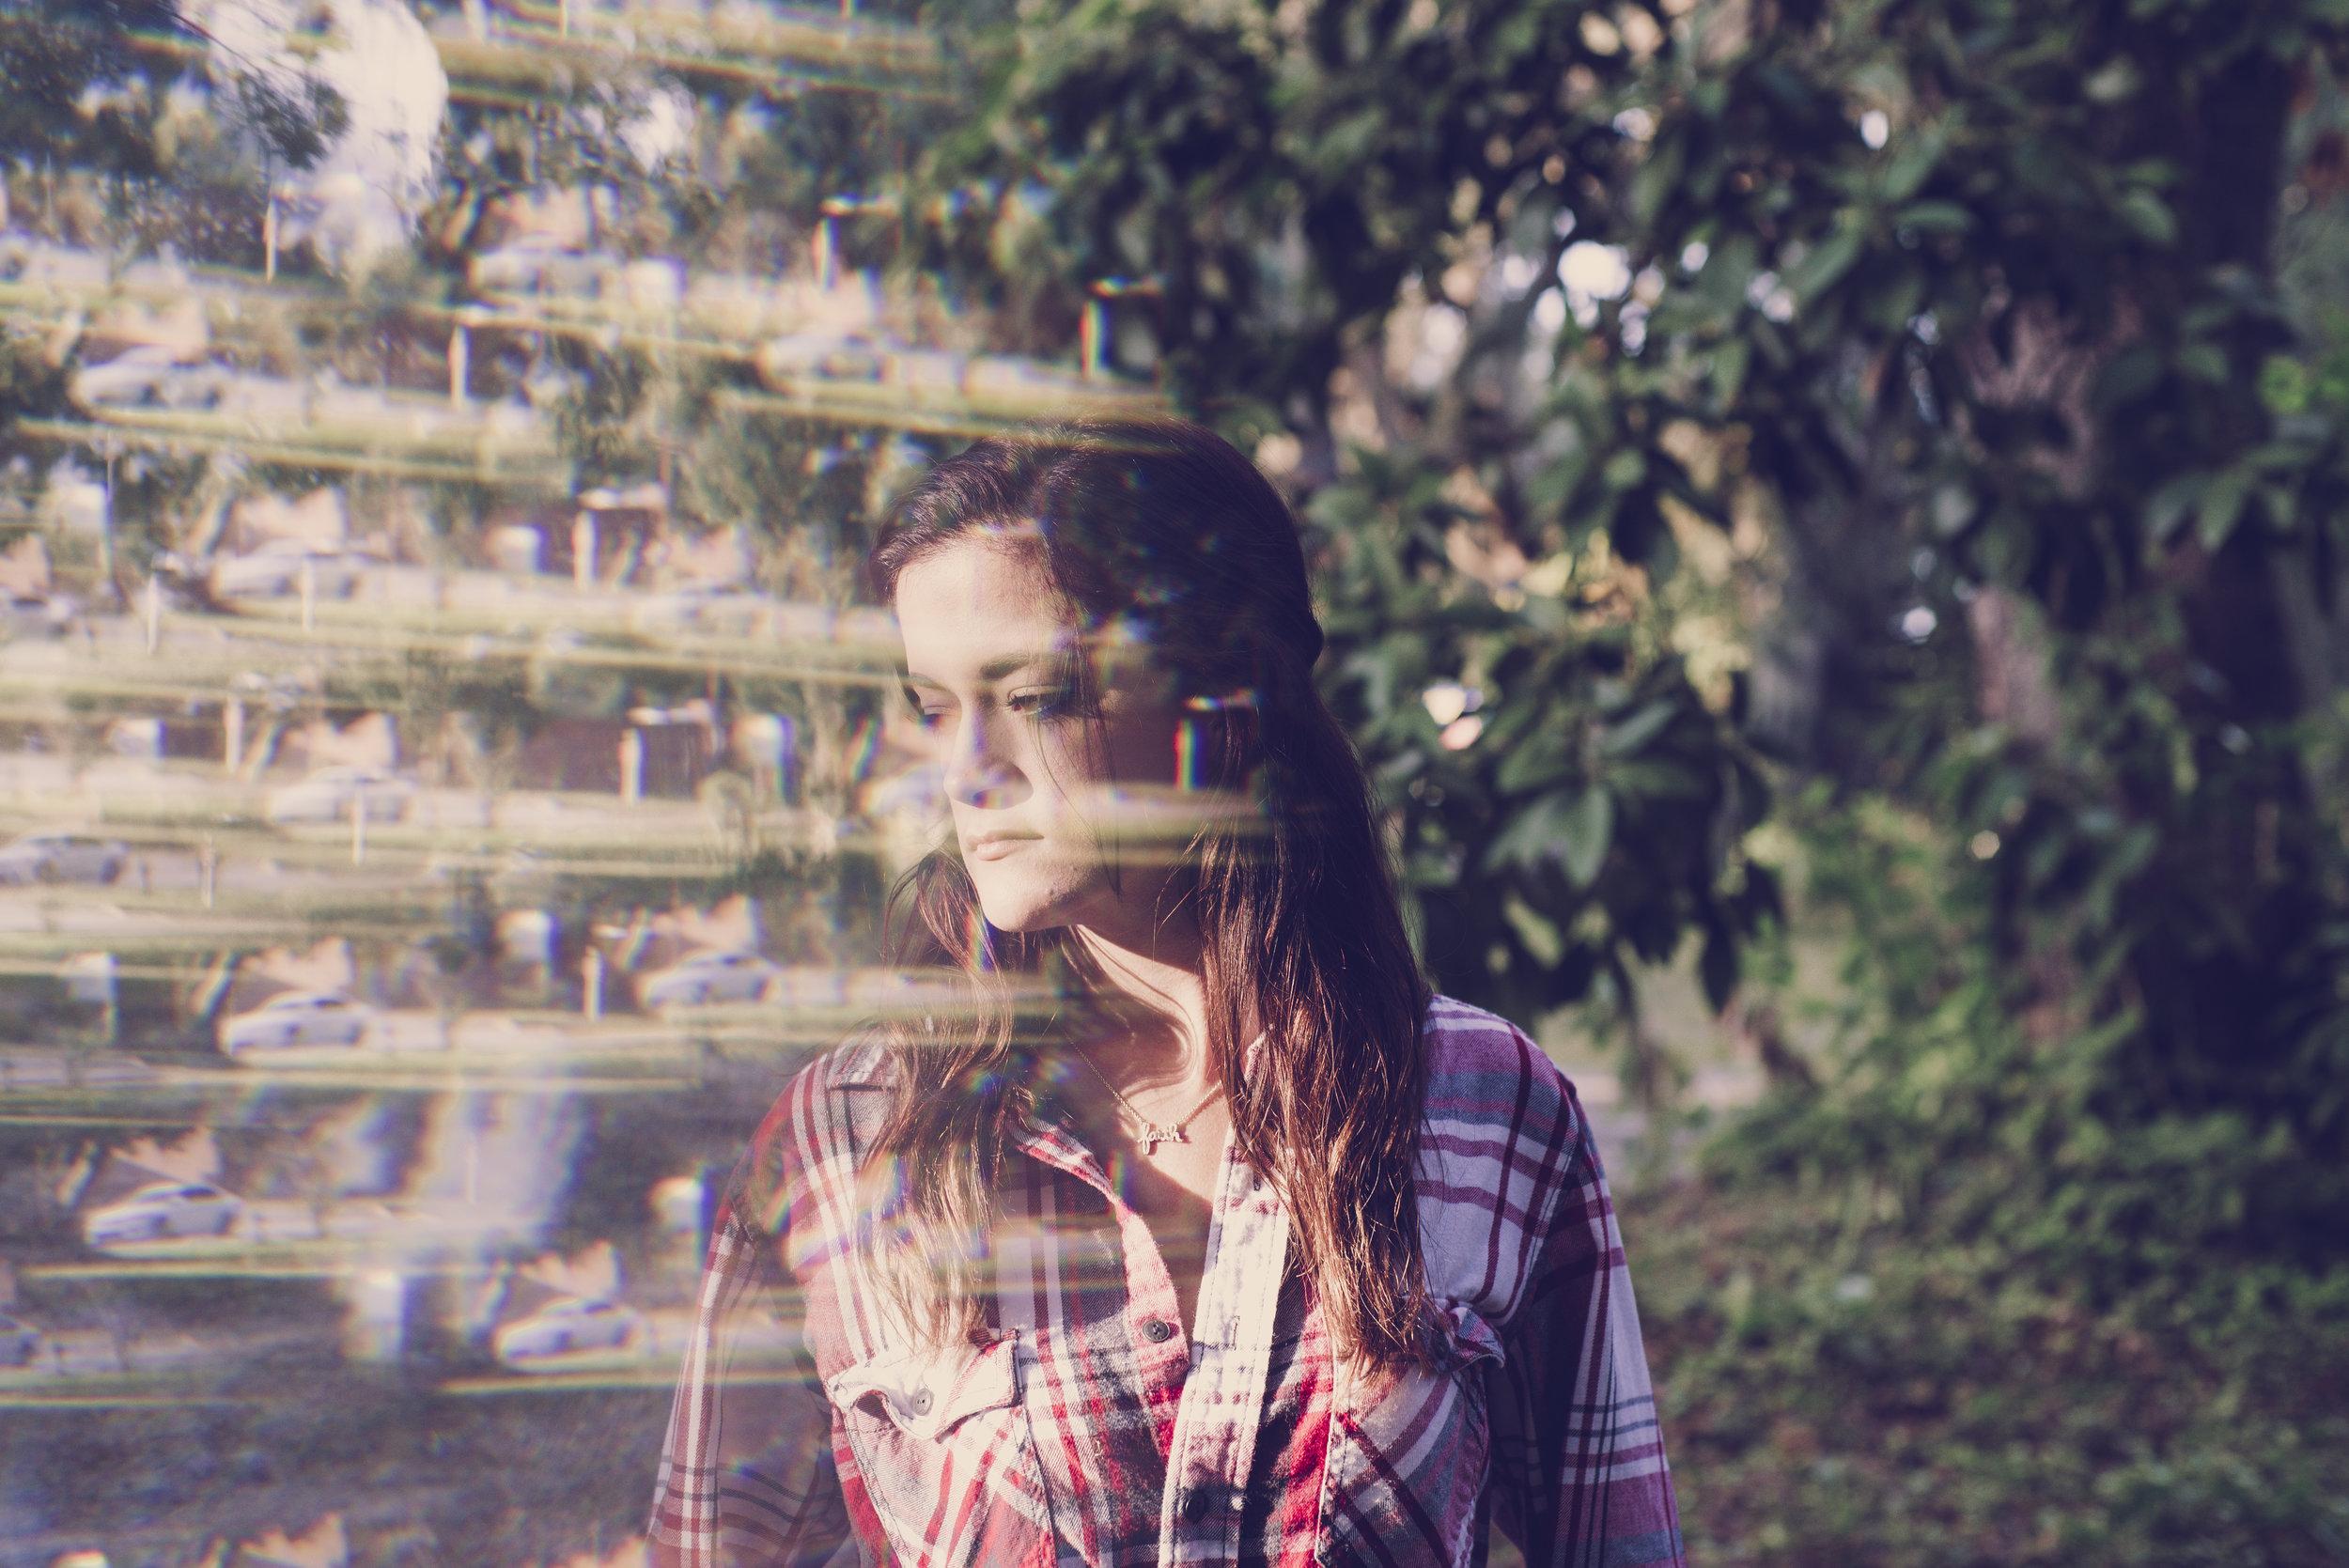 Unphotographable-12.jpg